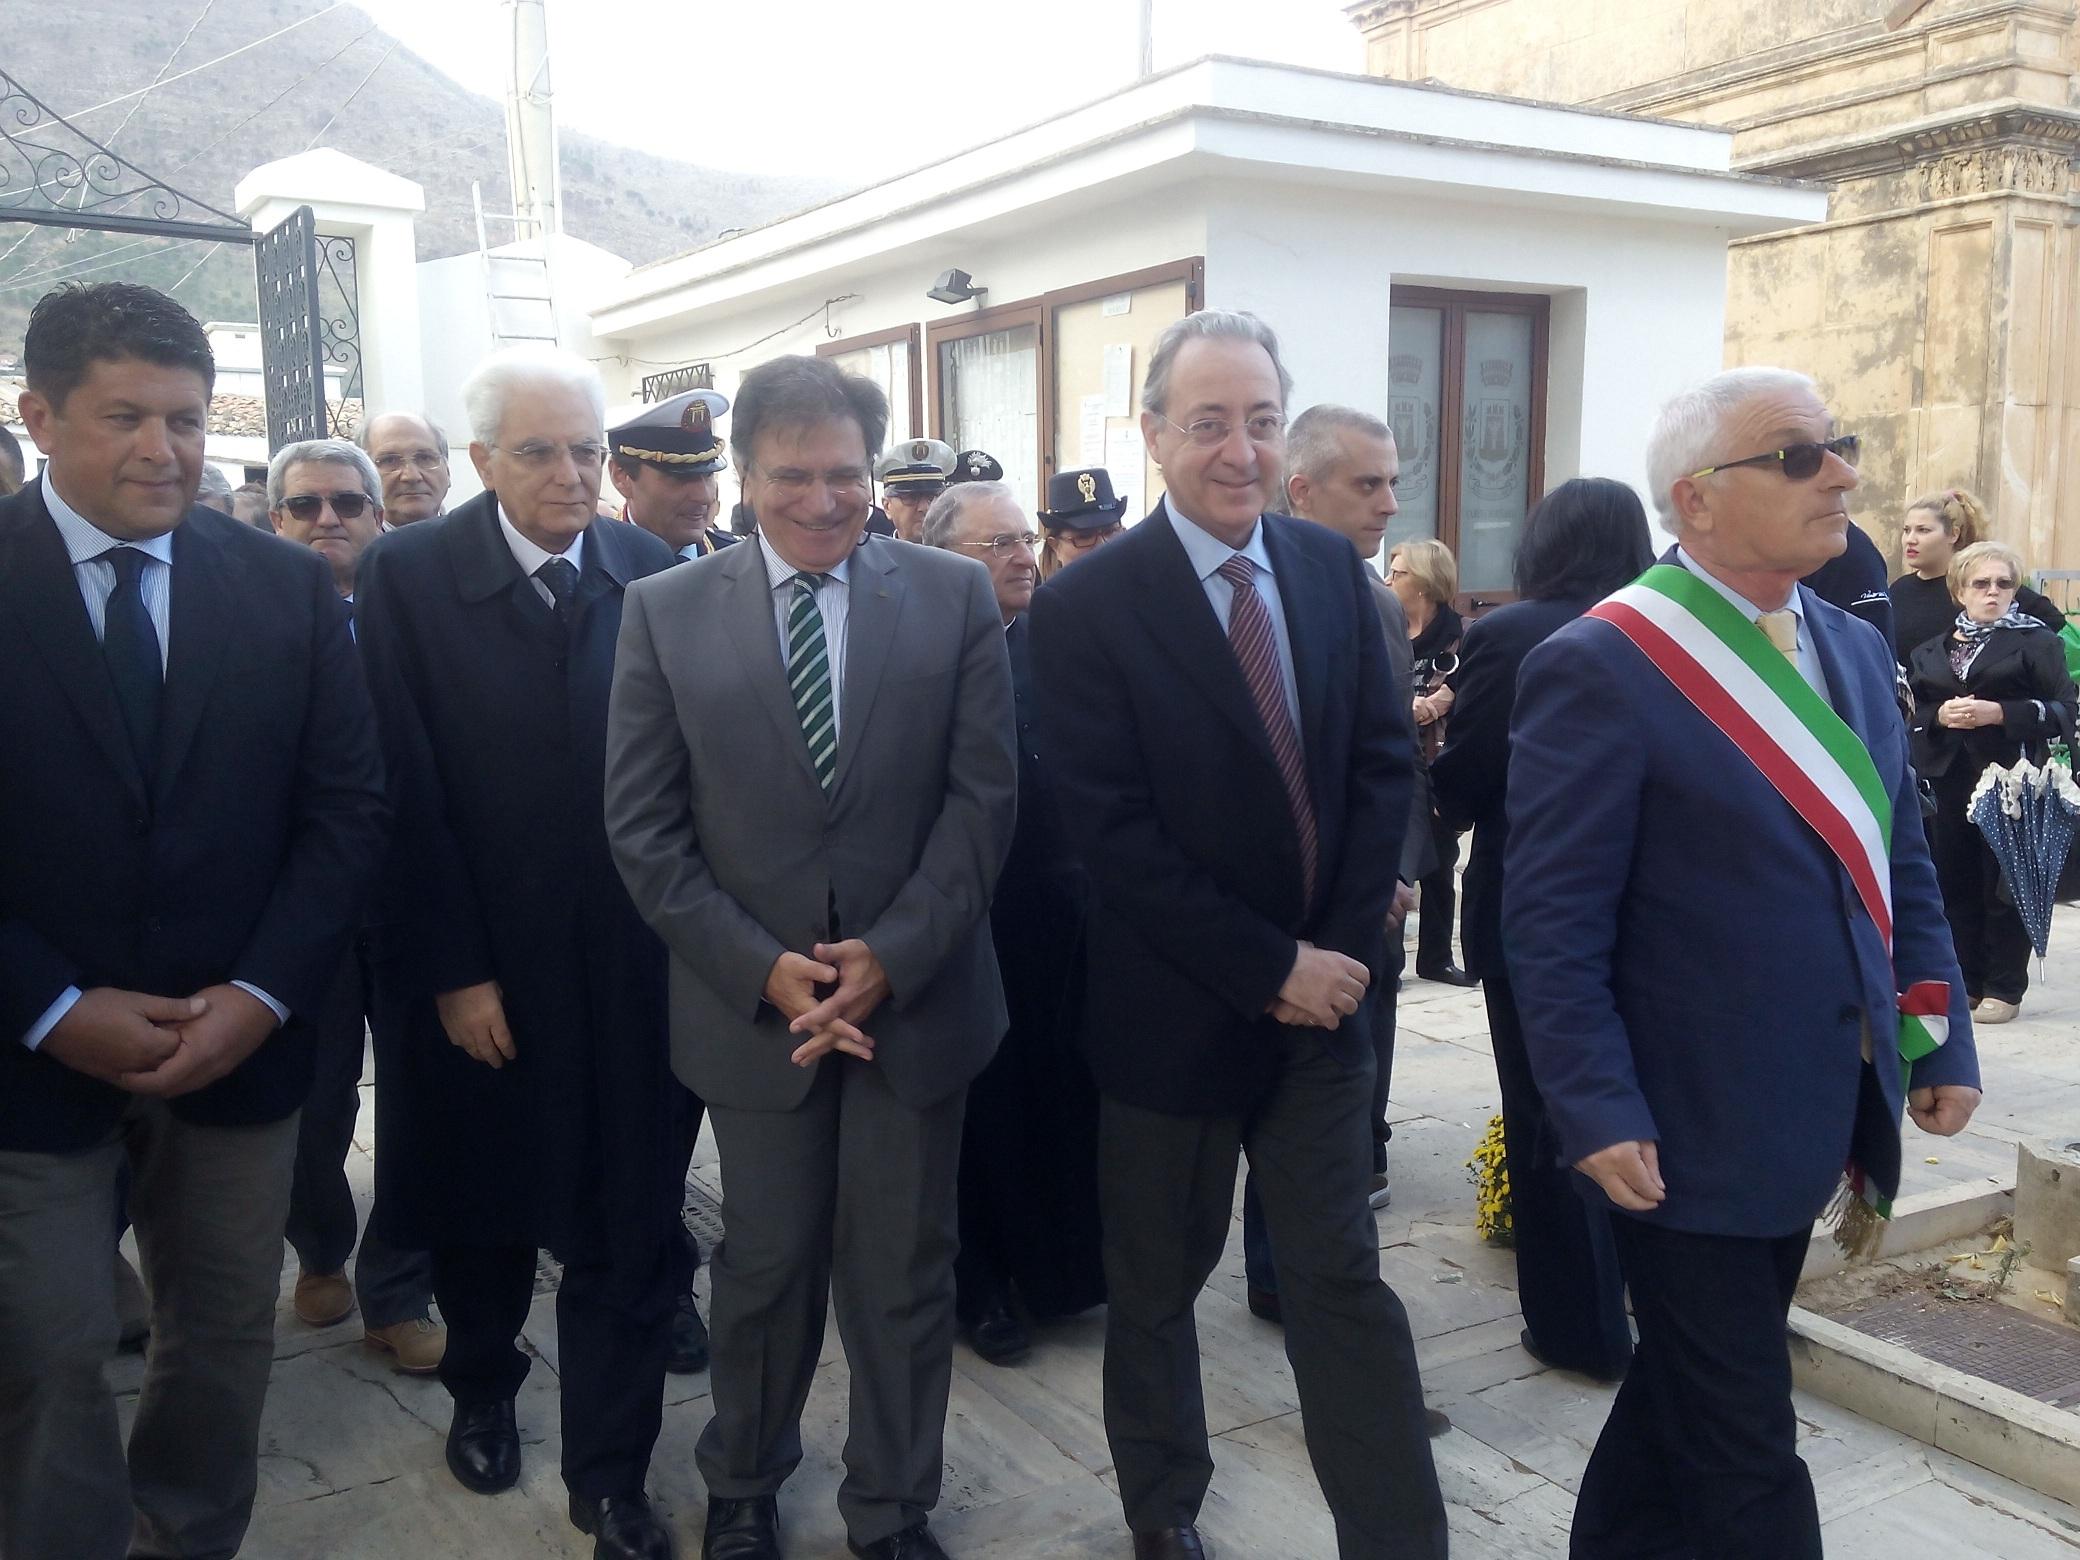 Sergio Mattarella cimitero Castellammare 1 novembre 2014 (2)